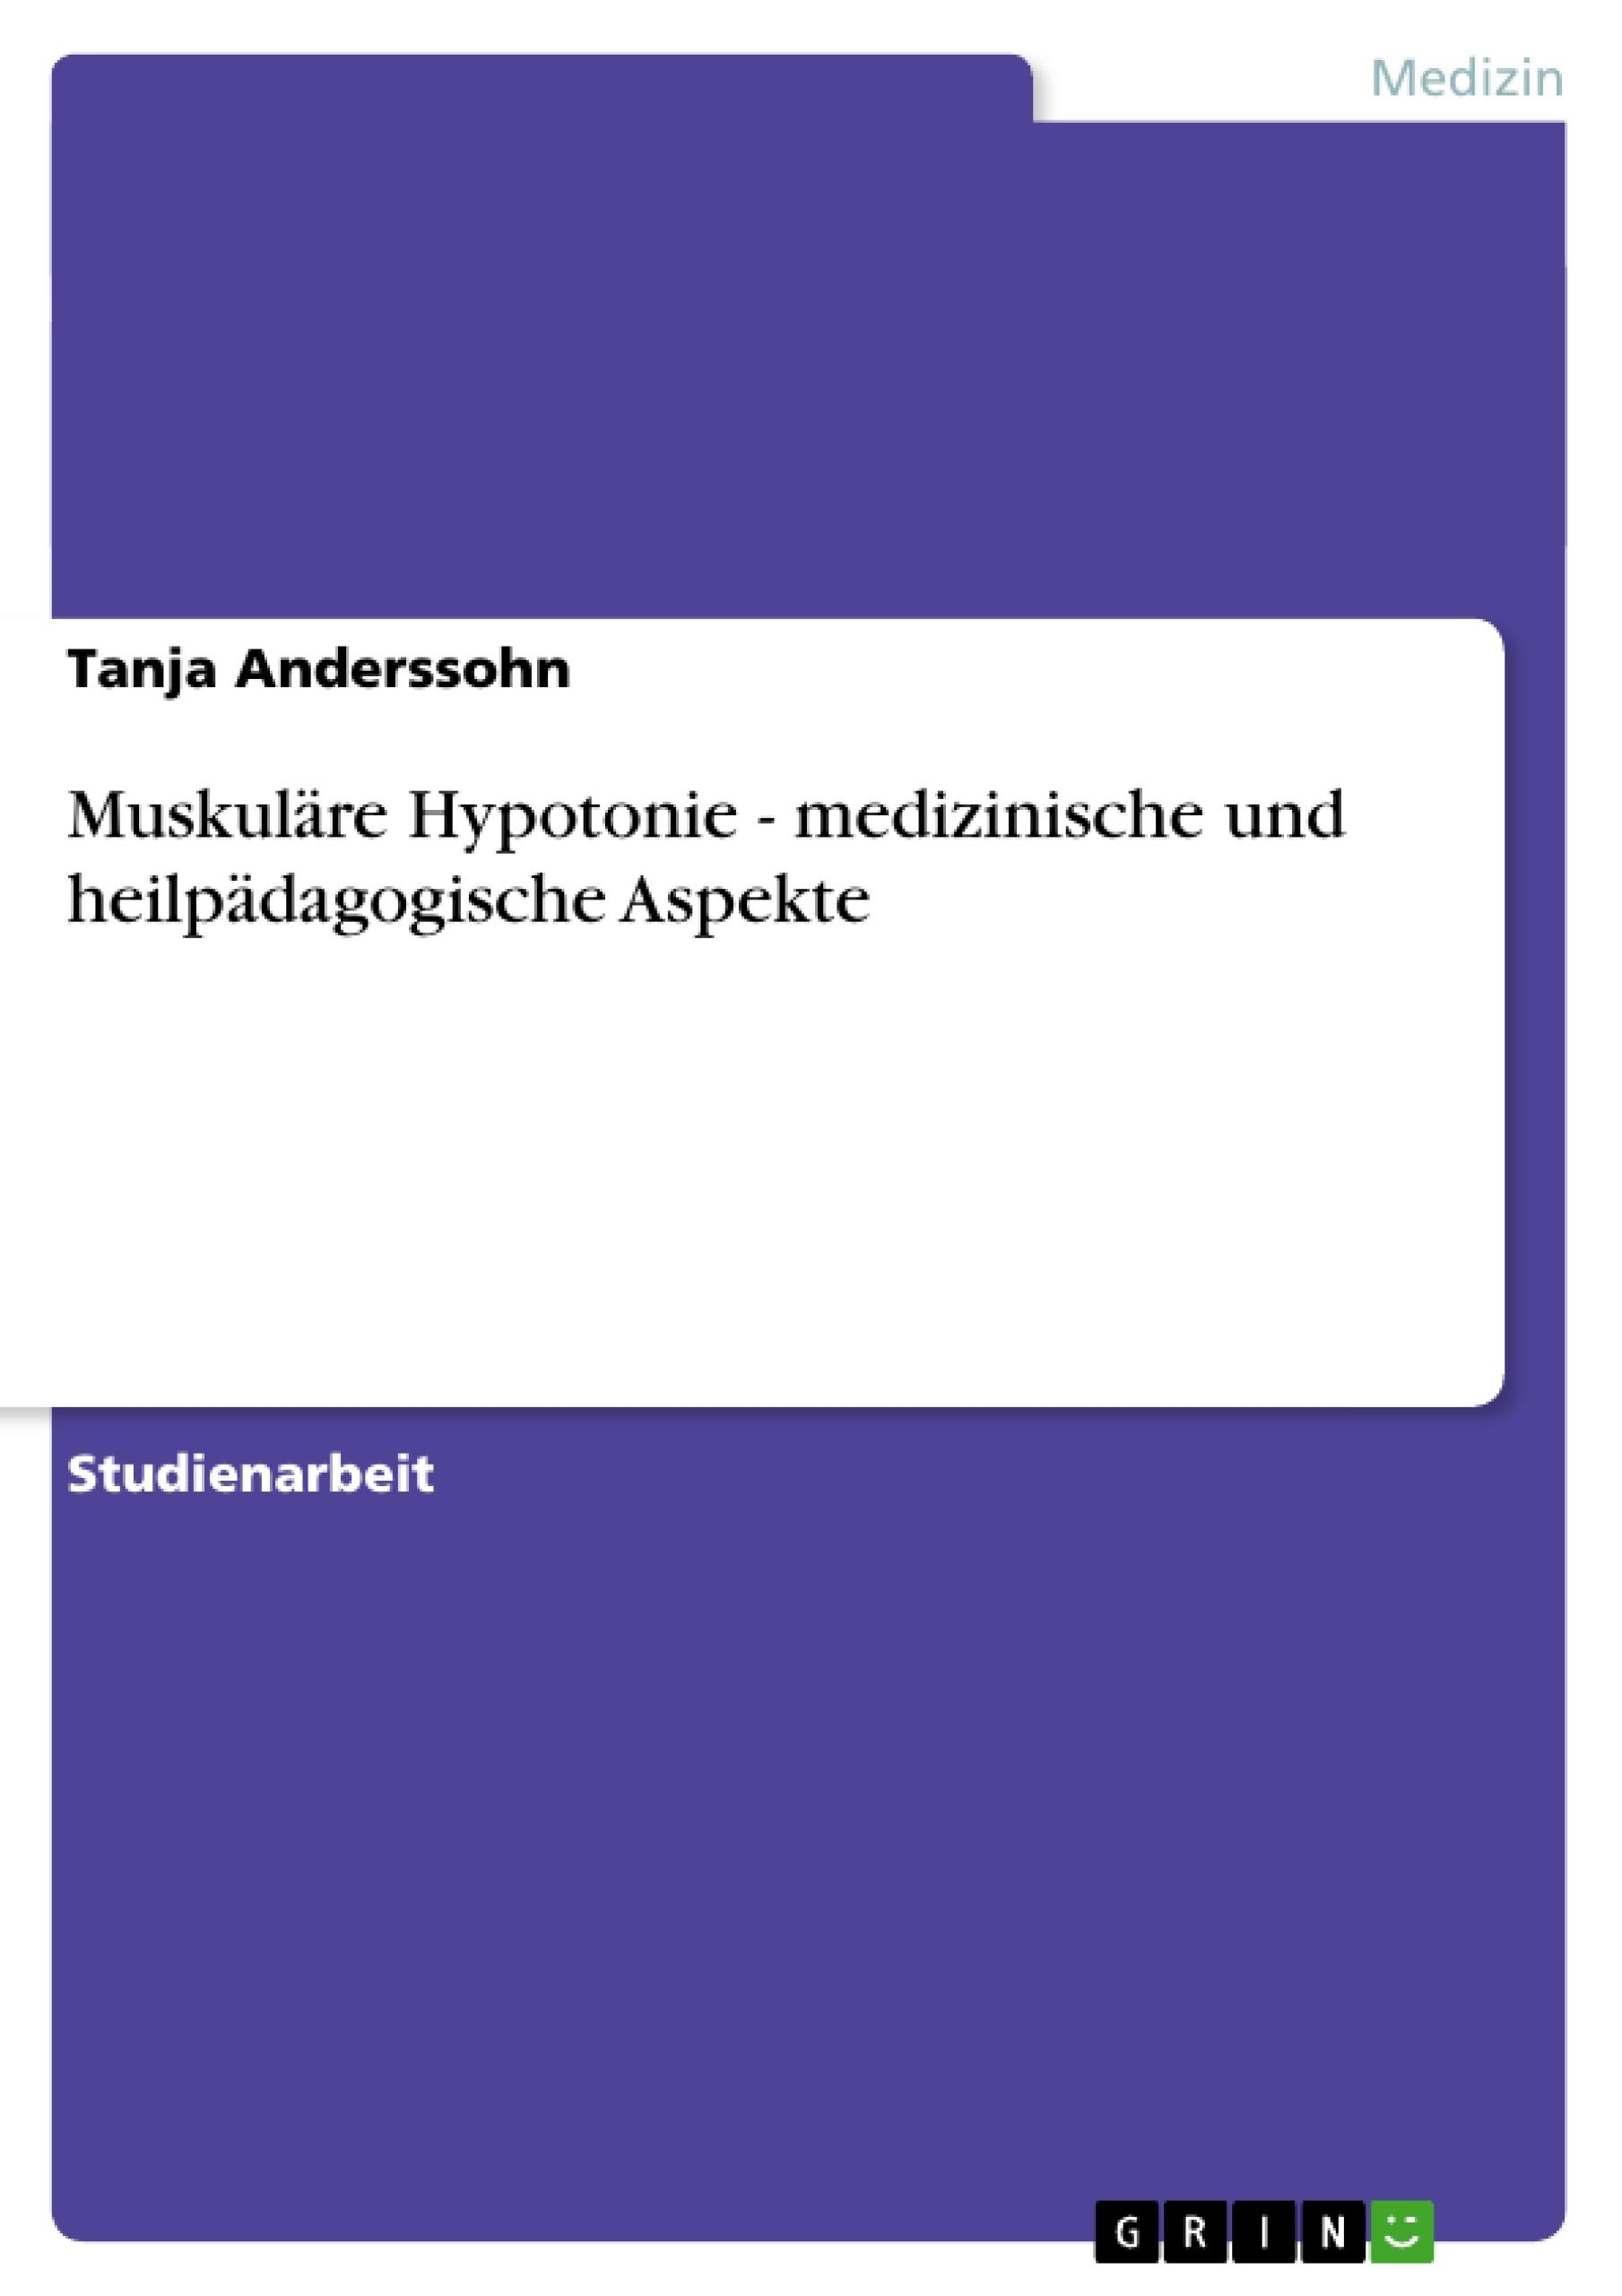 Muskuläre Hypotonie - medizinische und heilpädagogische Aspekte ...